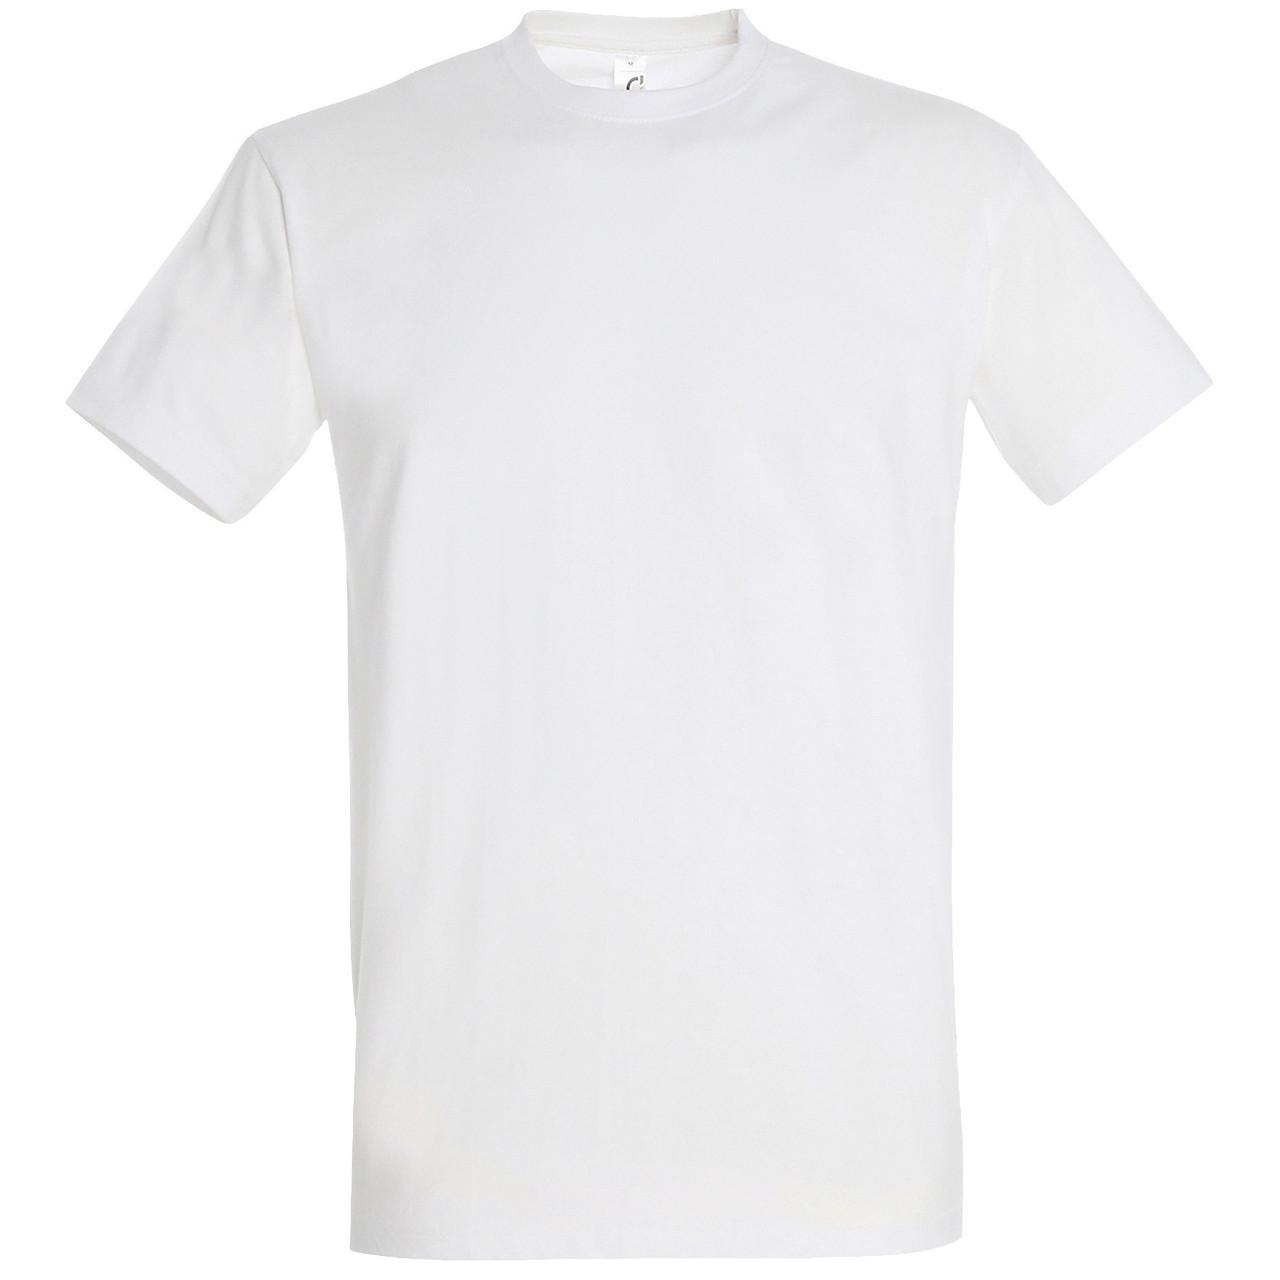 Футболка мужская (белая)